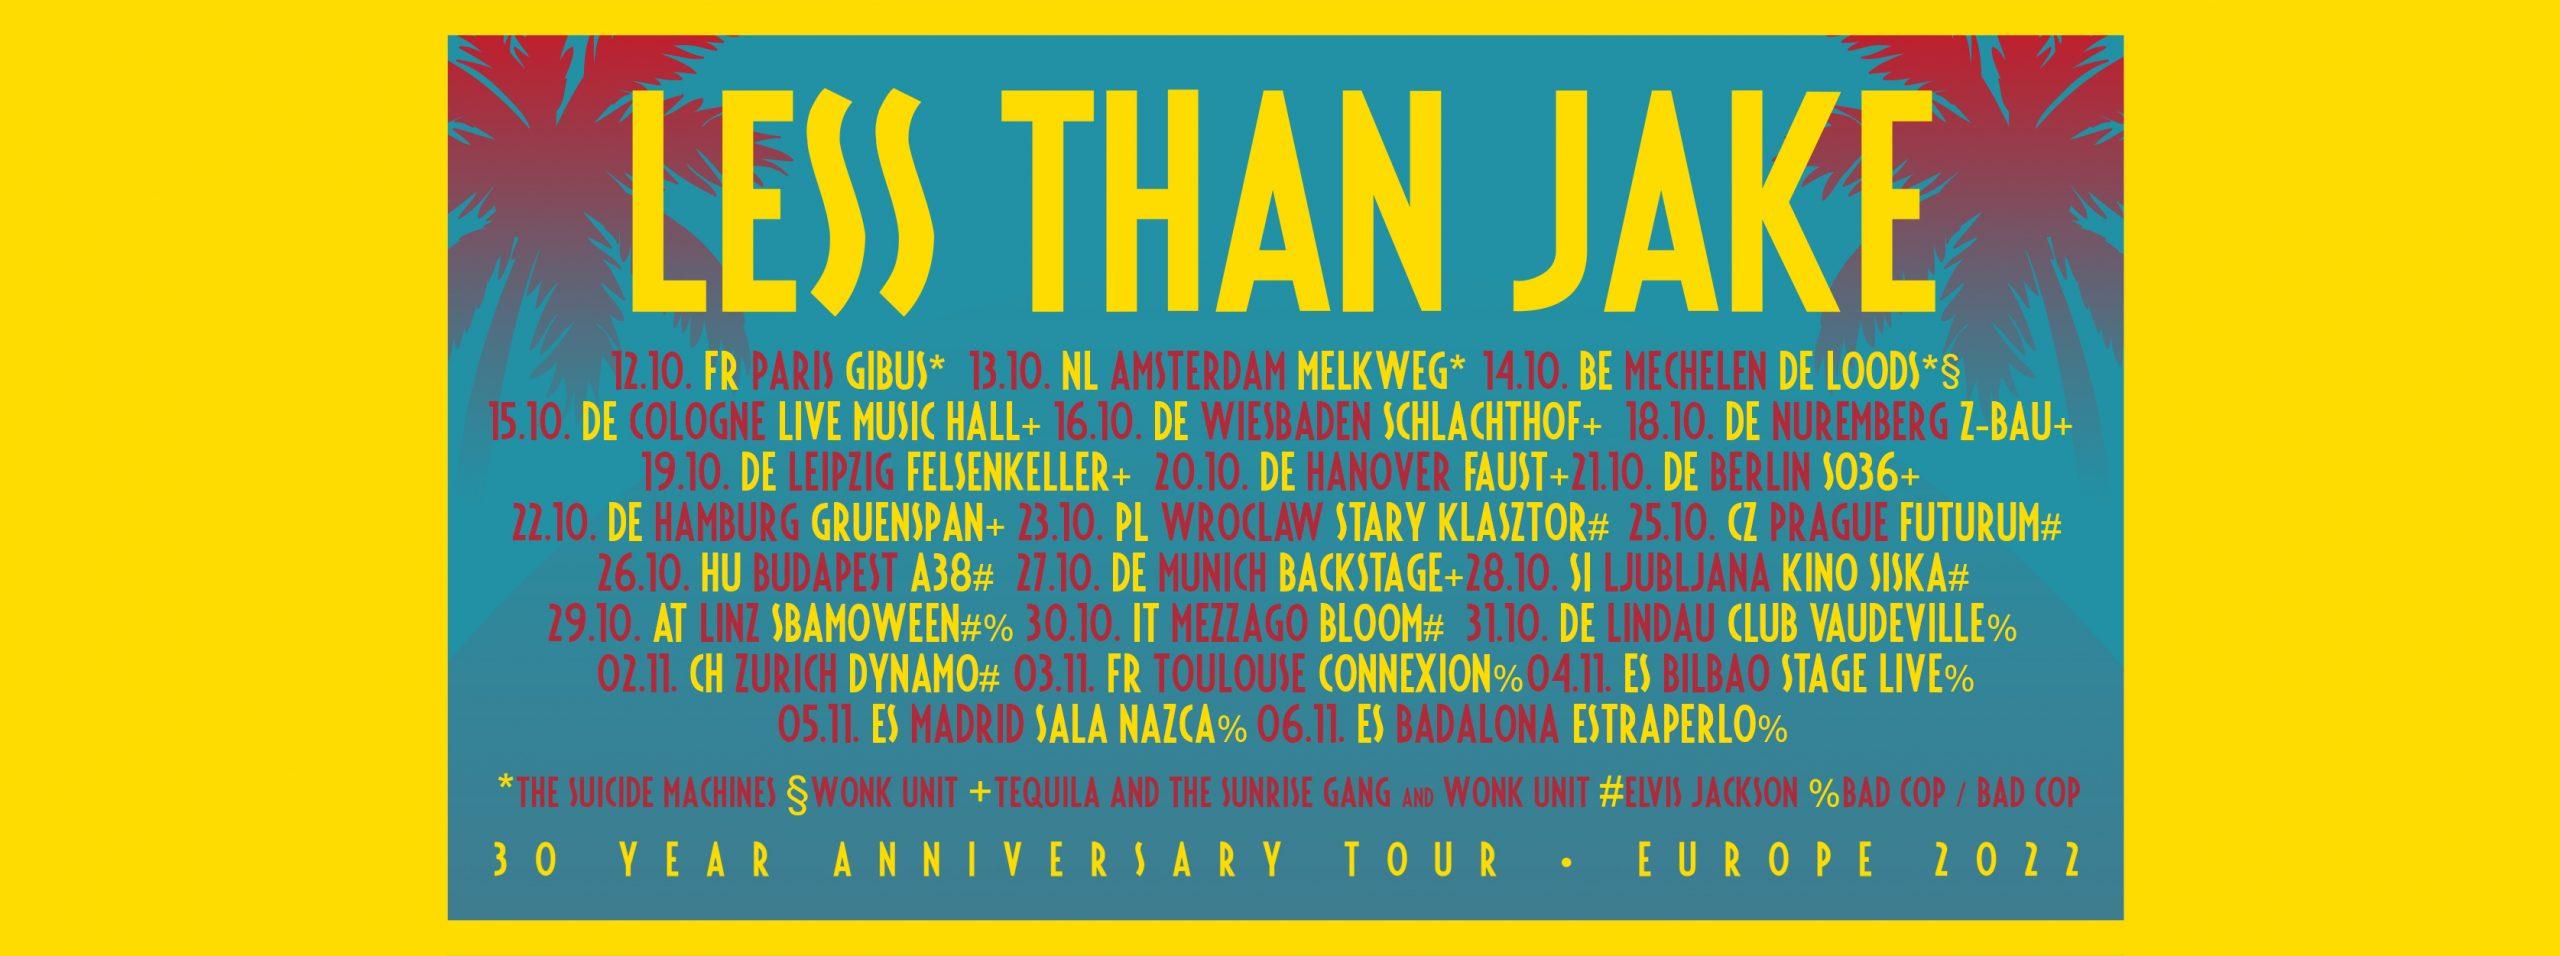 Less Than Jake - European Tour